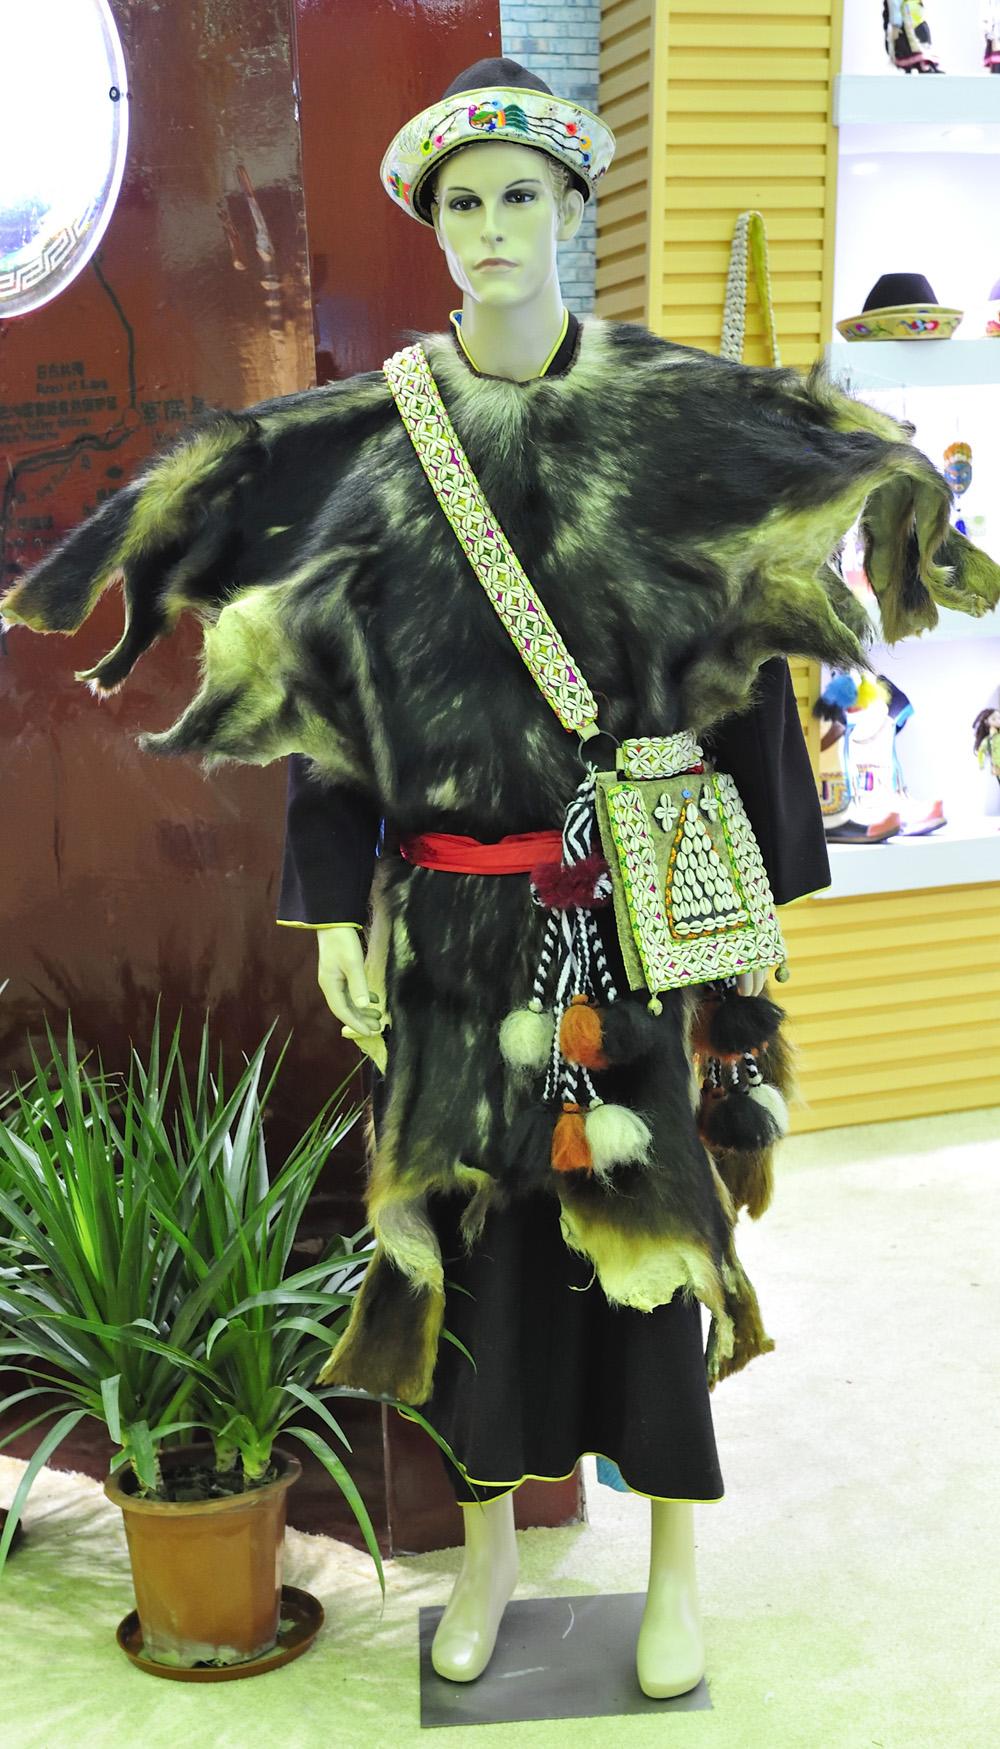 往届藏博会风采之林芝展区